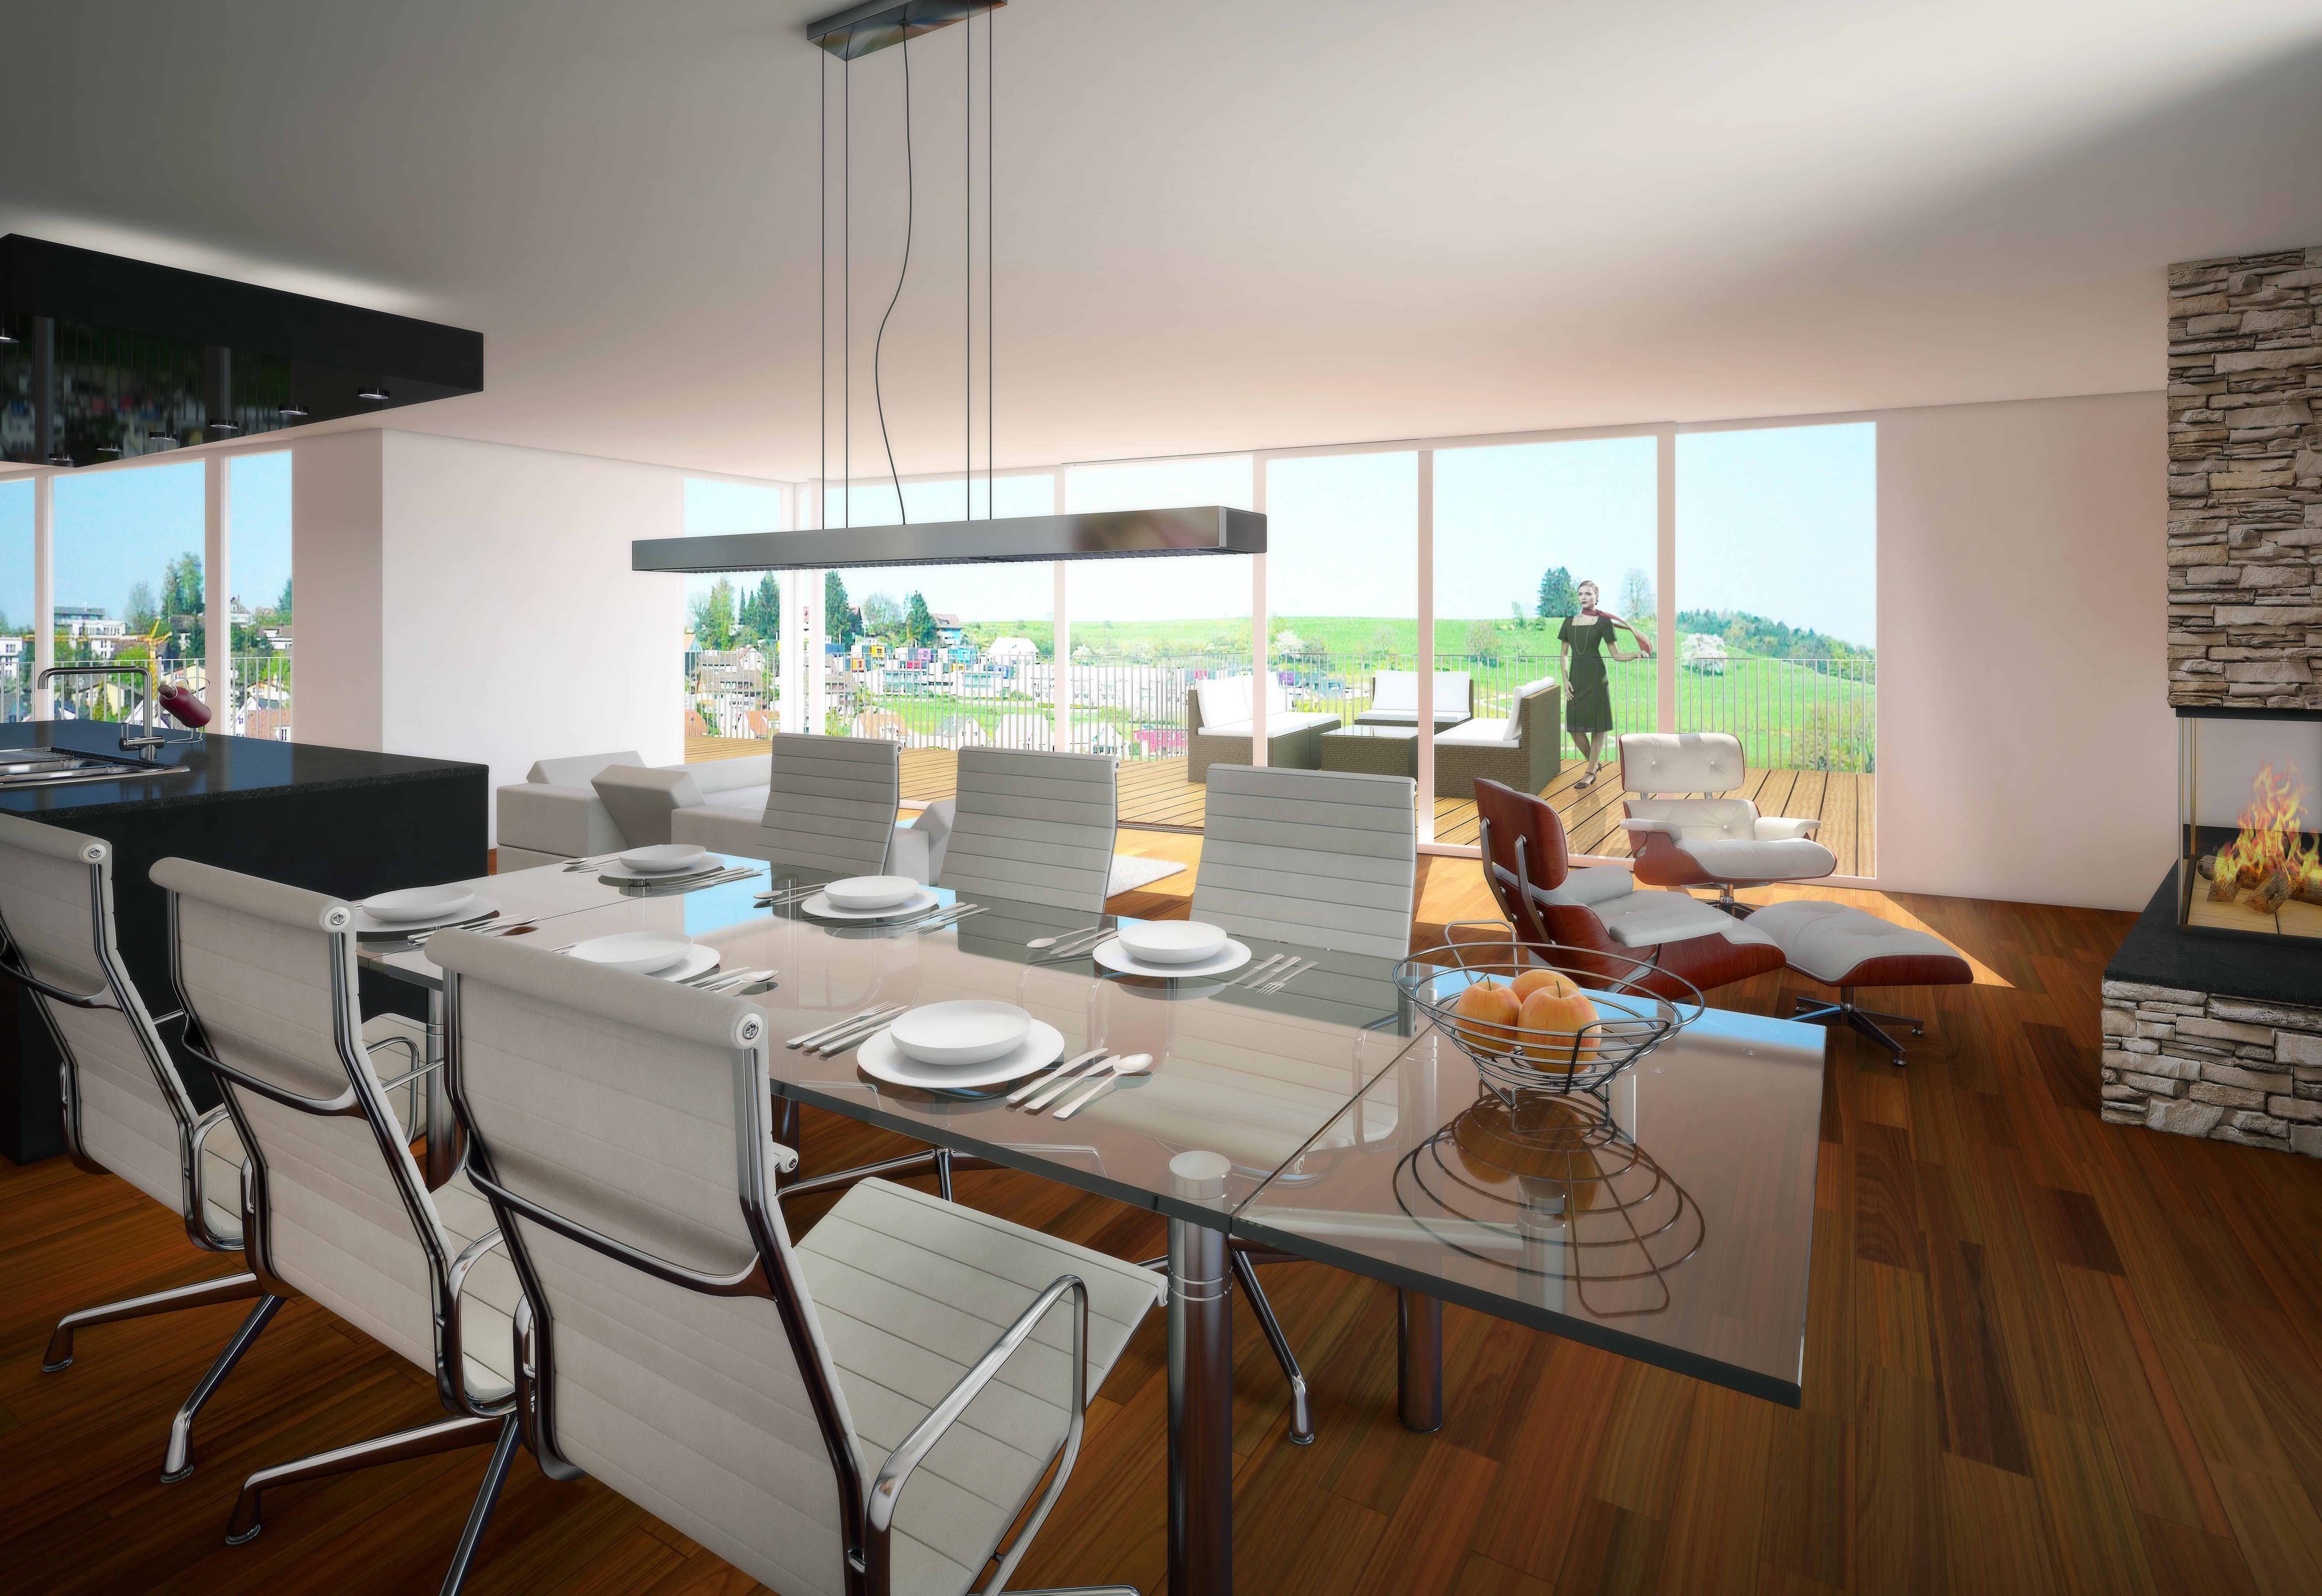 Fotos gratis paisaje arquitectura interior edificio - Arquitectura de interiores ...